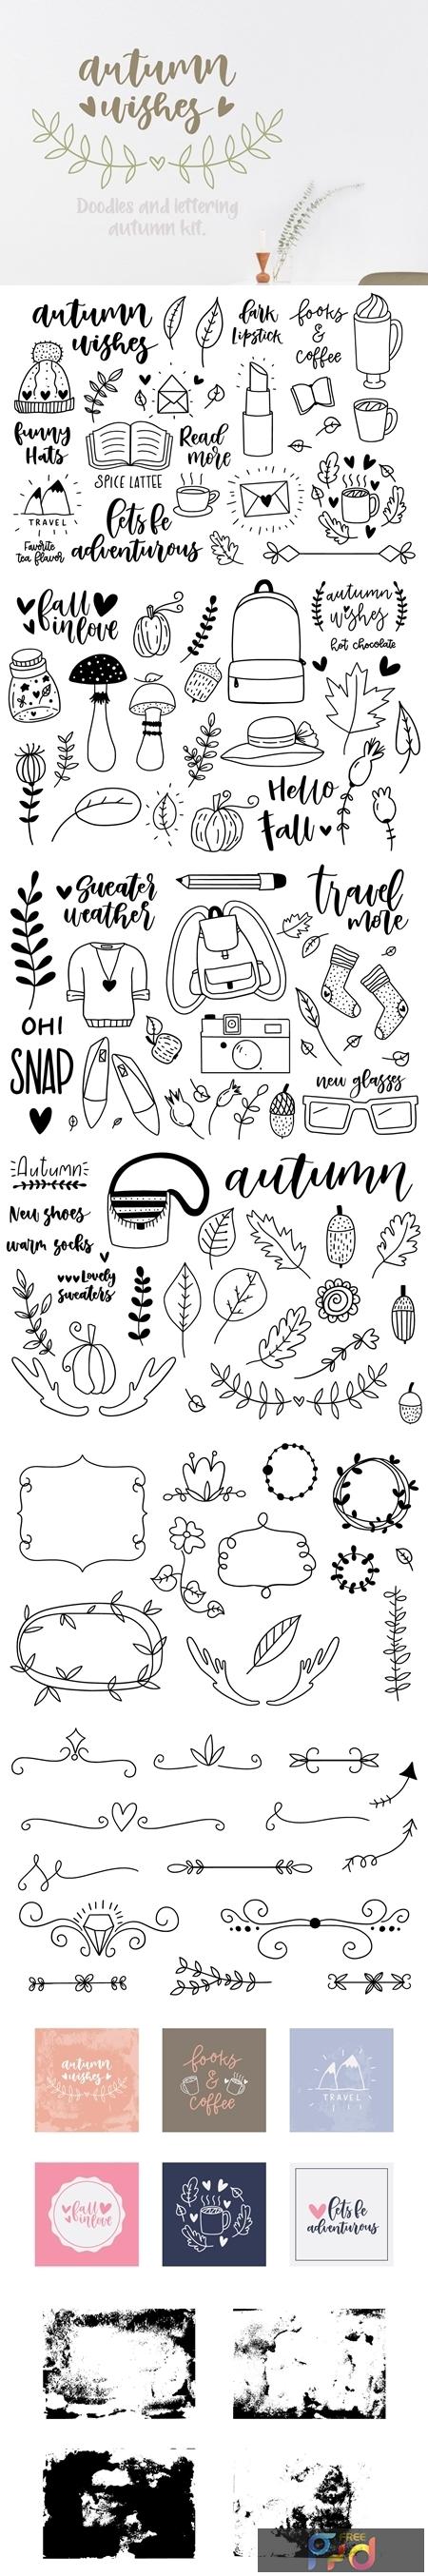 Autumn doodle & lettering kit 1863435 1